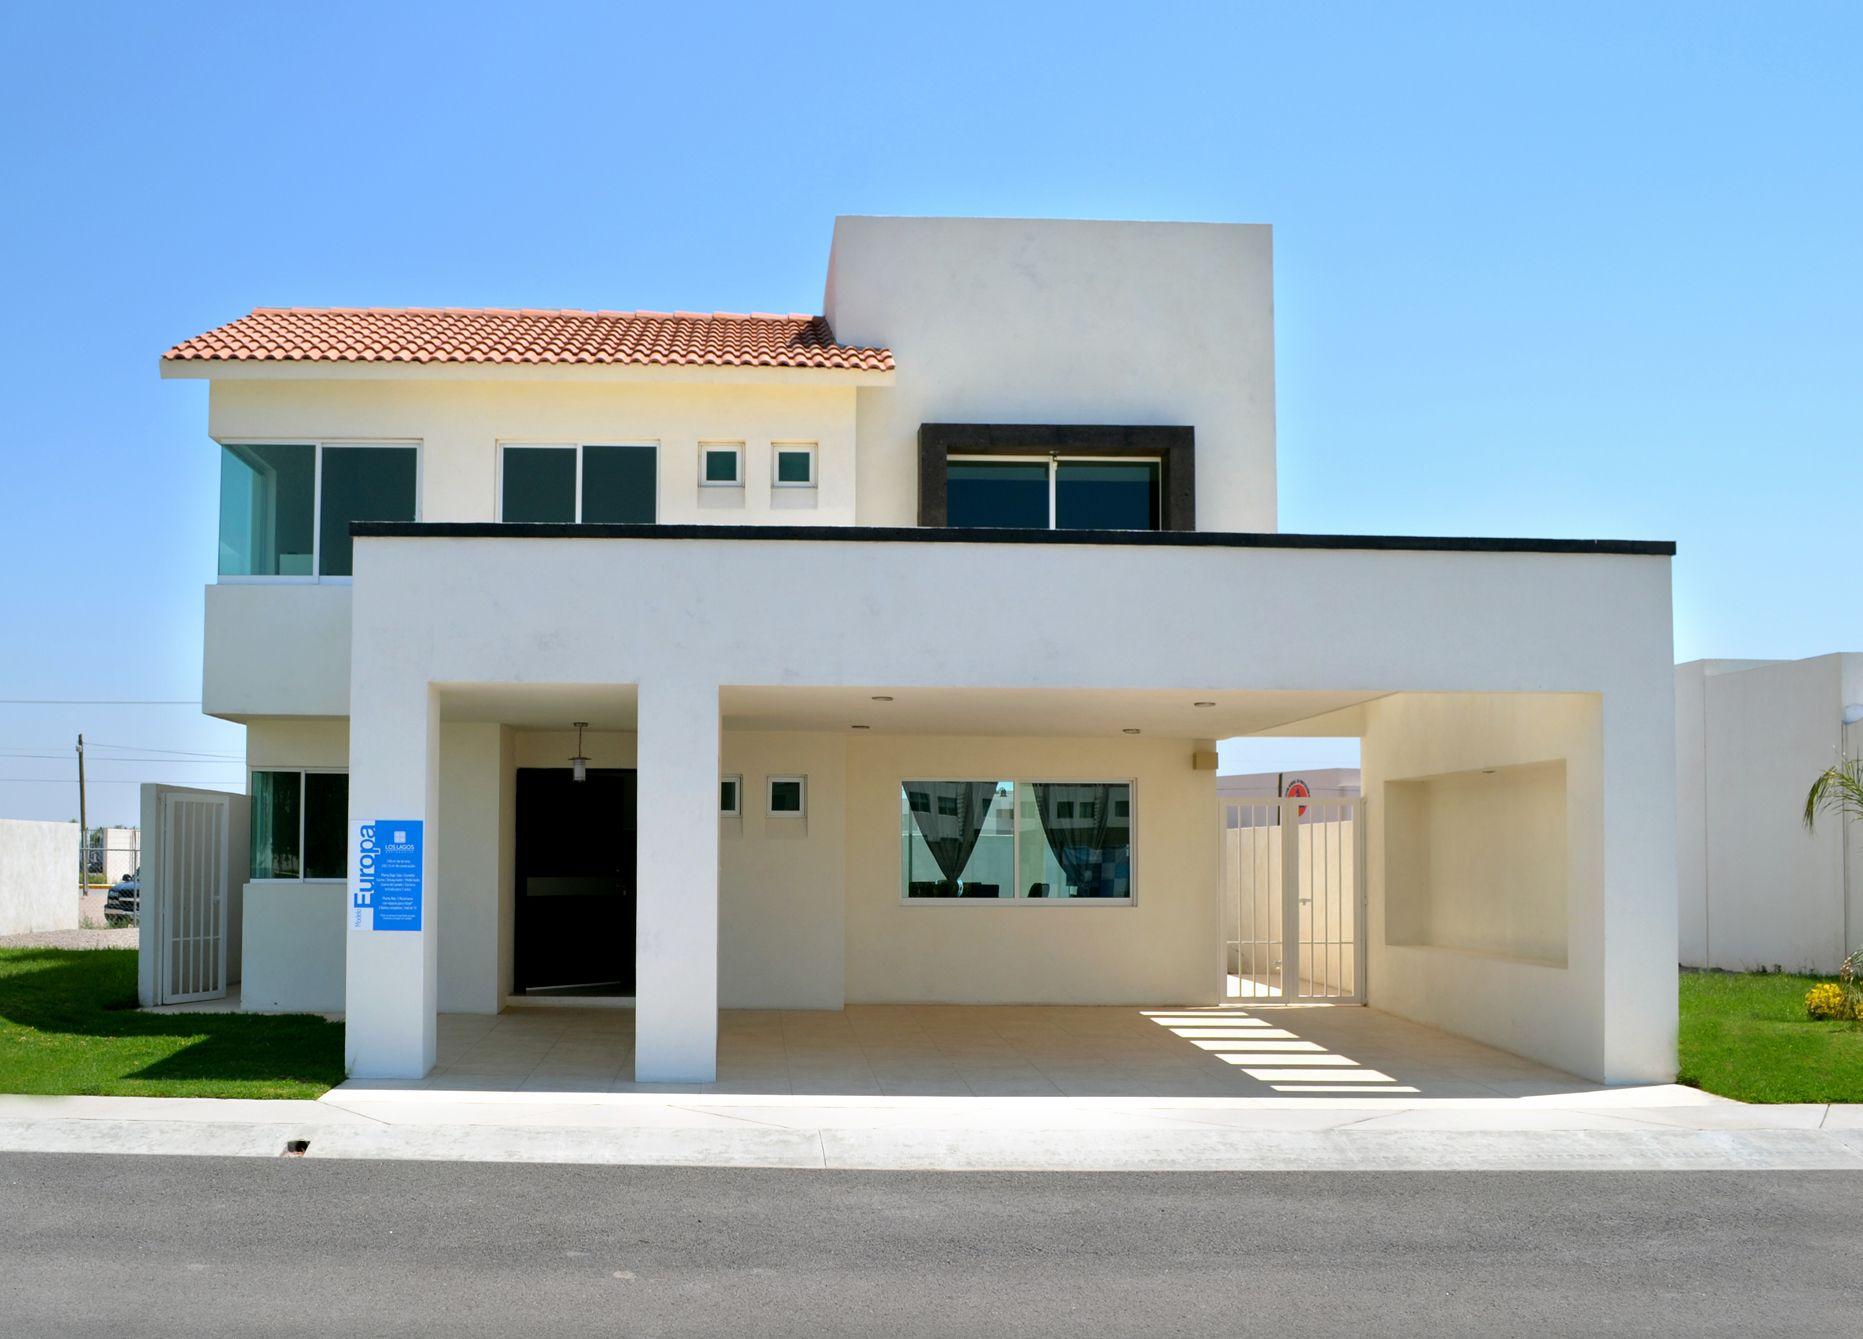 Casa europa terreno 240 m2 construcci n m2 sala for Plantas casas minimalistas